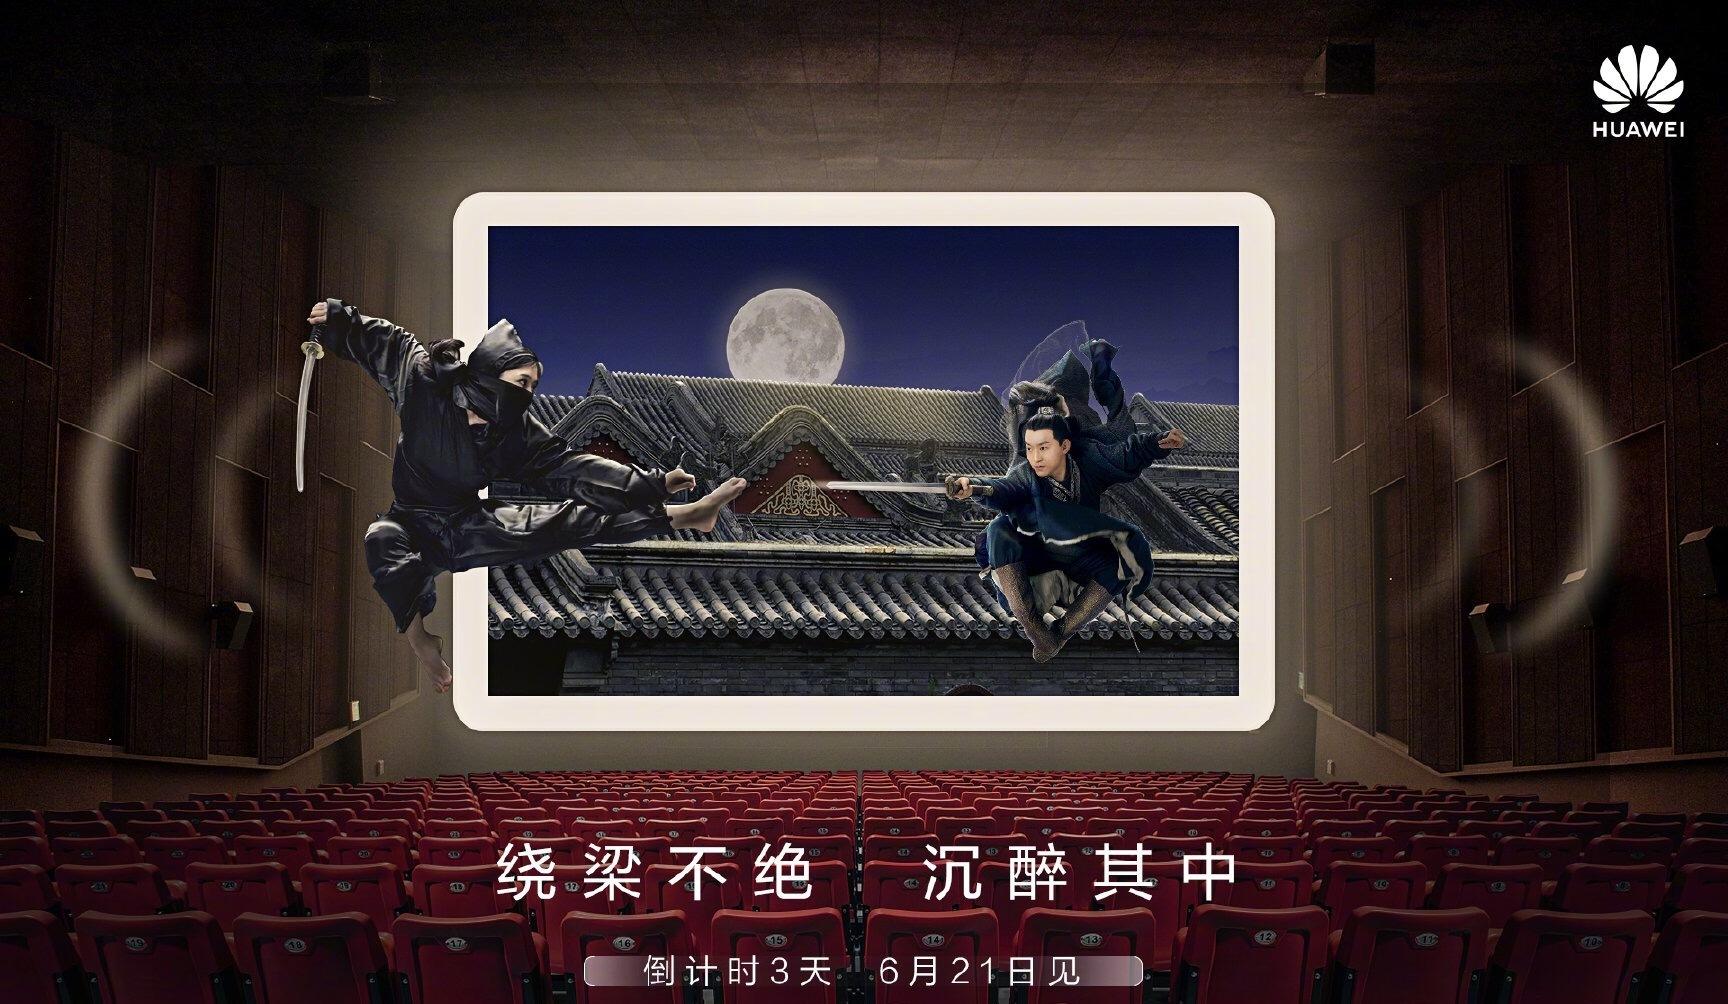 Huawei-MediaPad-M6-Offizieller-Launch-am-21-Juni-in-China